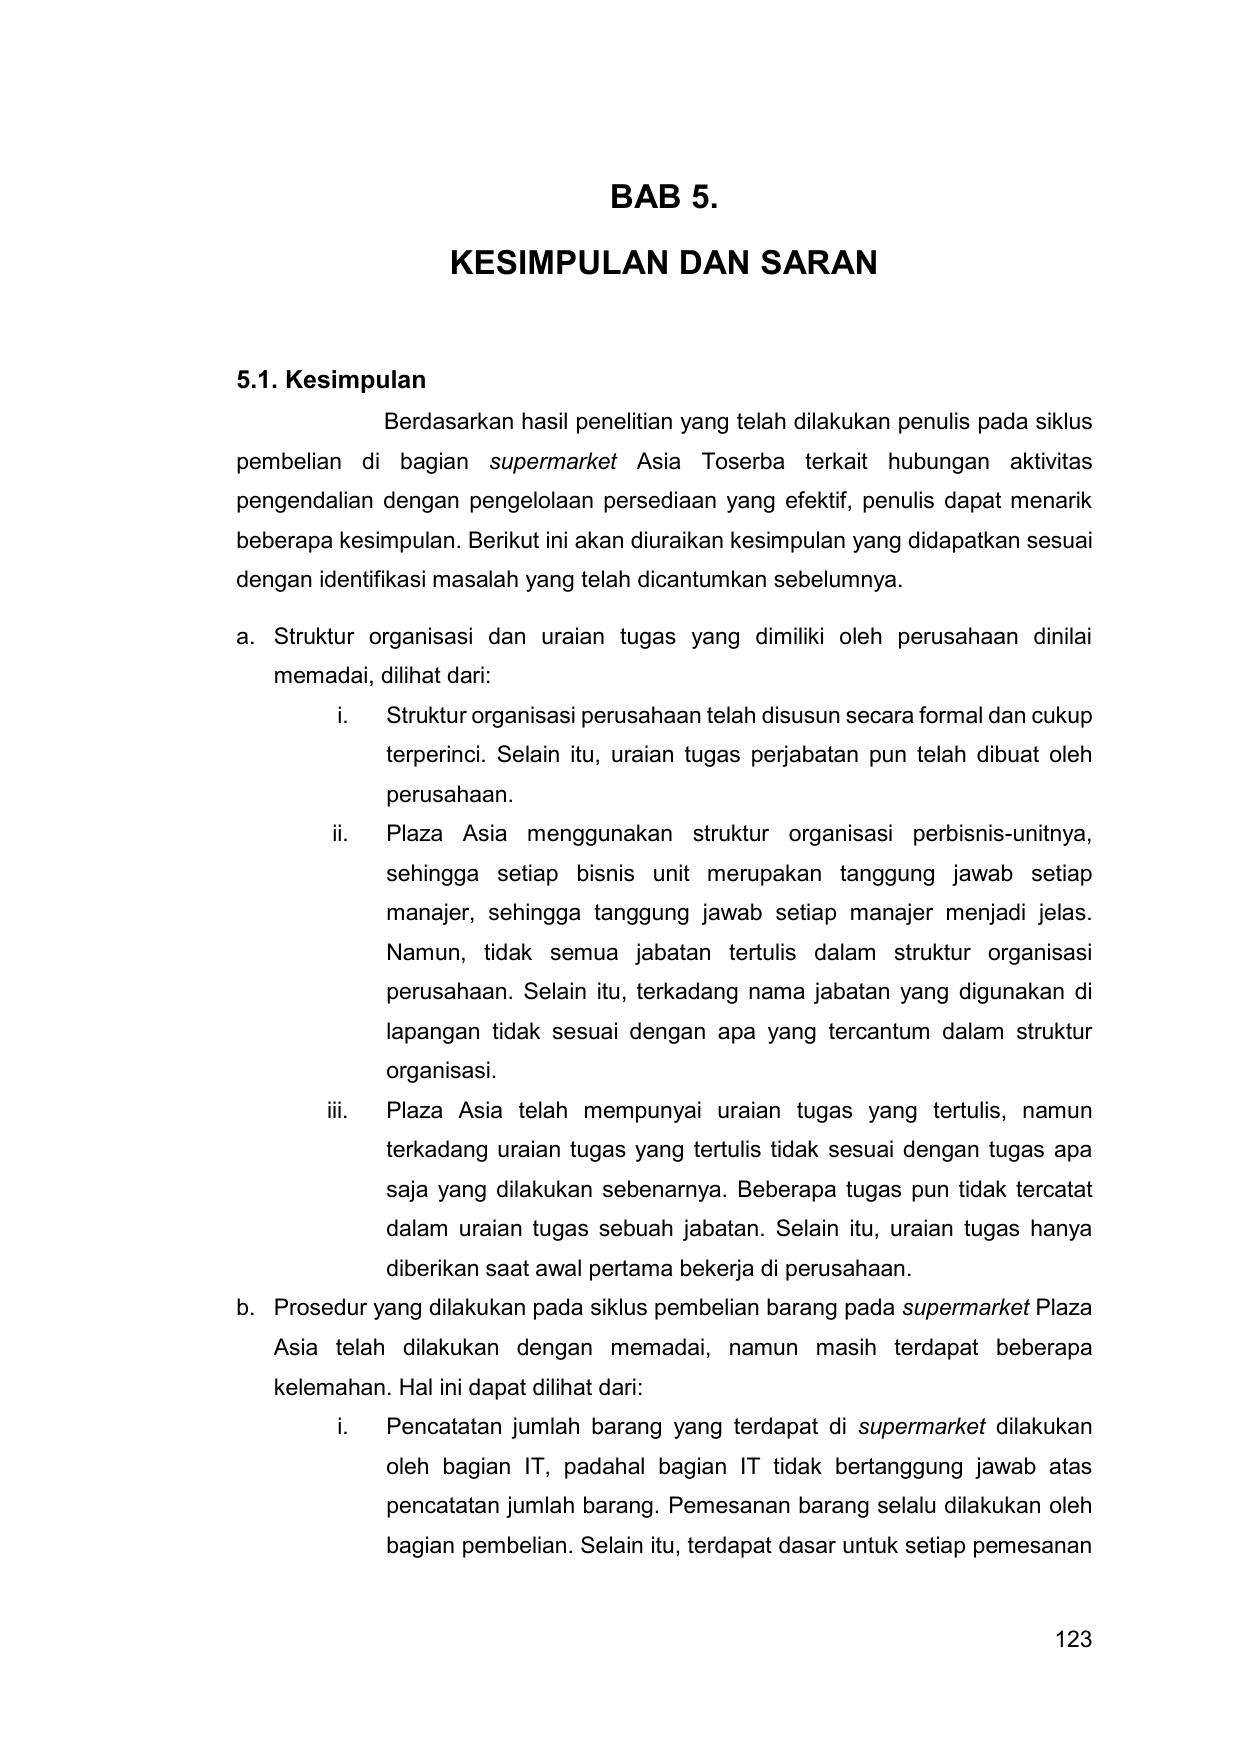 Bab 5 Kesimpulan Dan Saran Unpar Institutional Repository